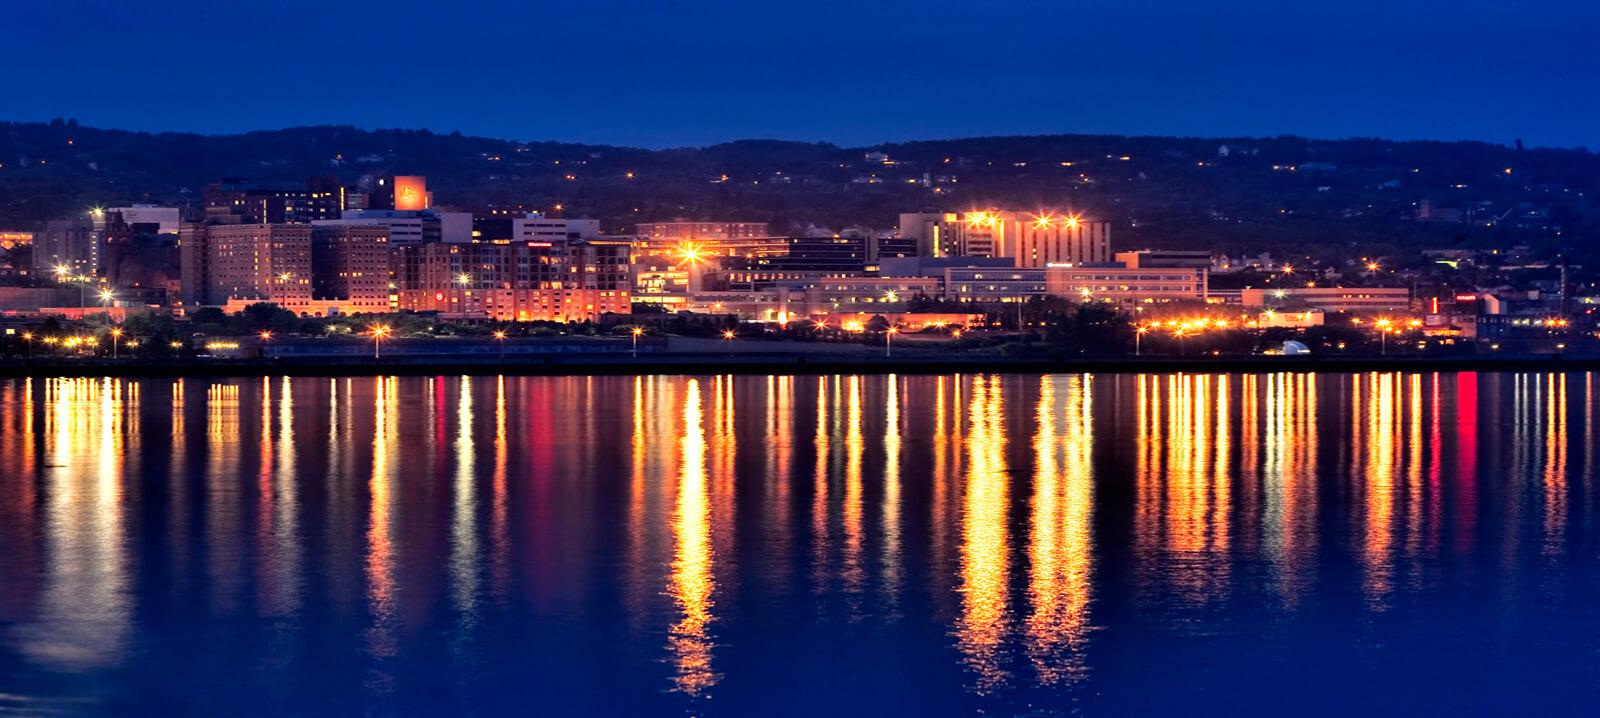 Duluth at night